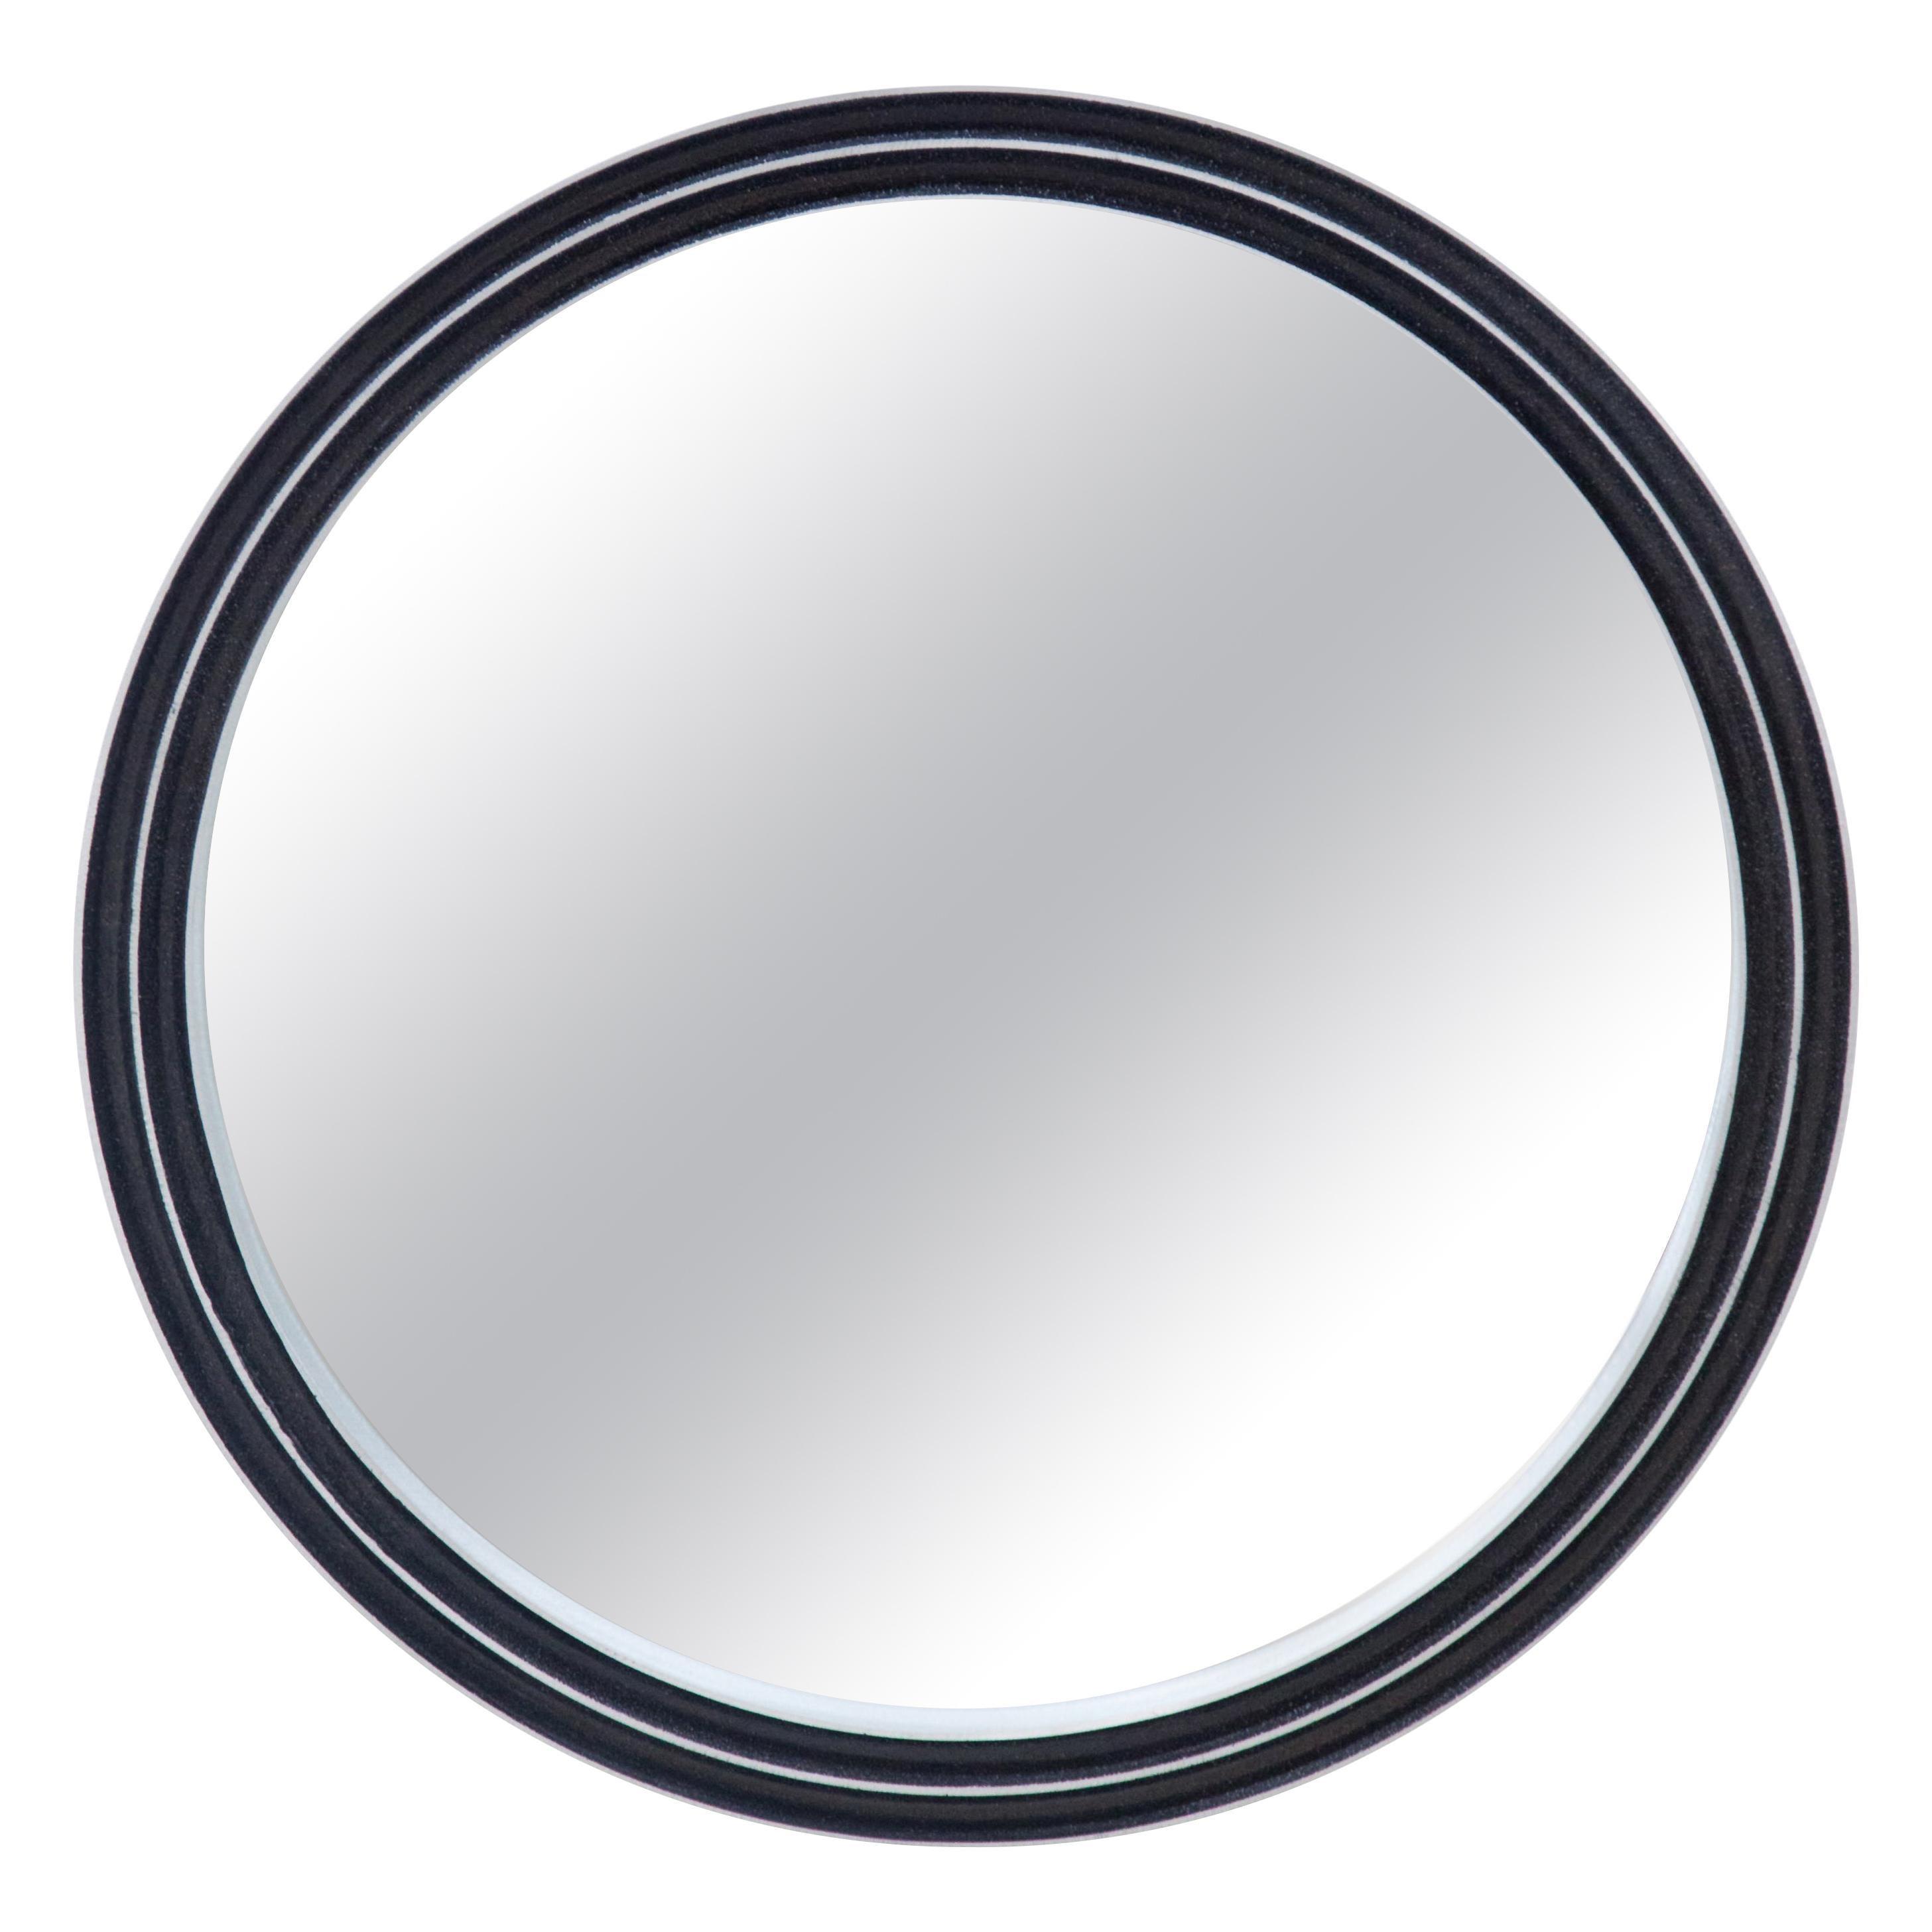 Modernist Mirror by Artist Lorenzo Burchiellaro